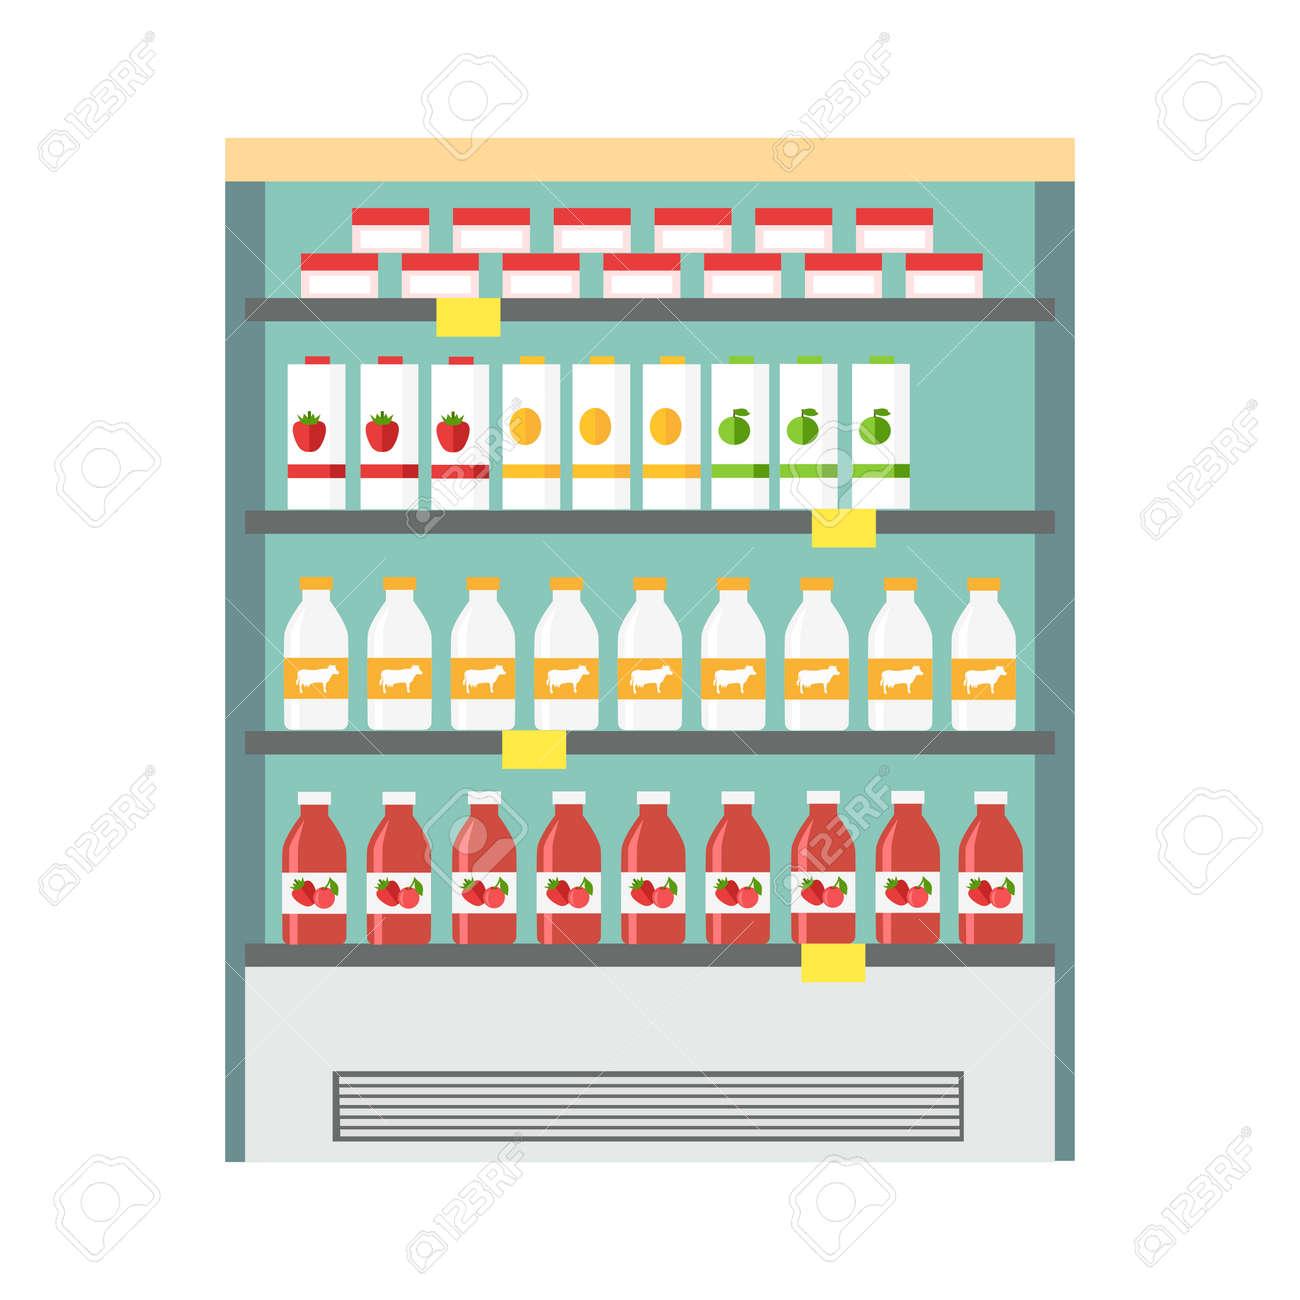 Showcase Kühlschrank Zur Kühlung Von Milchprodukten. Verschiedene ...